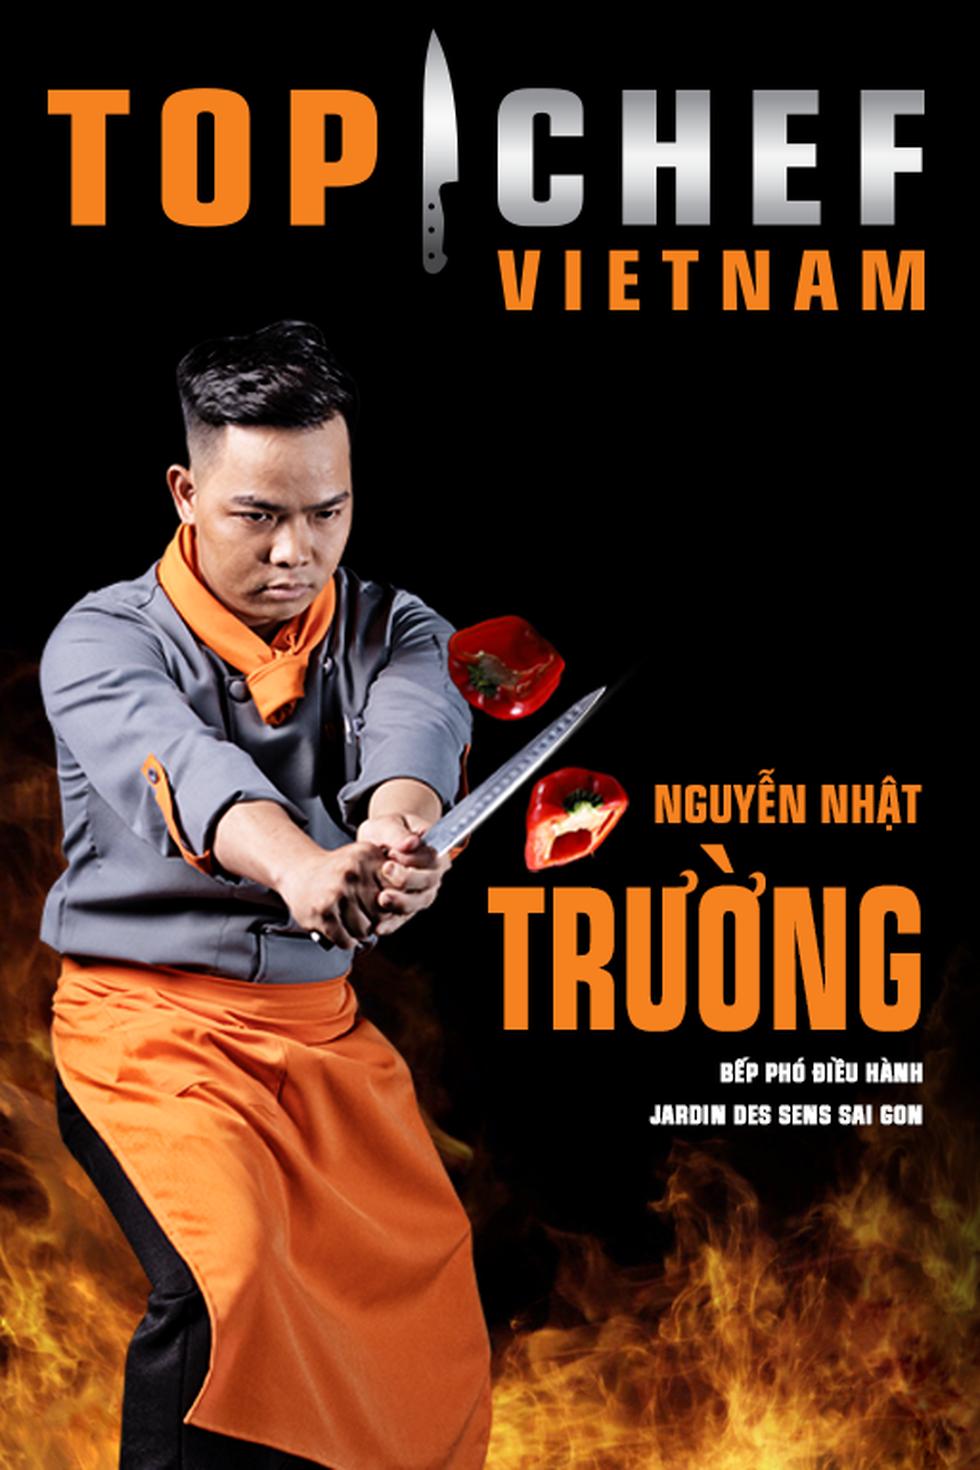 Lộ diện top 14 Đầu bếp thượng đỉnh - Top chef Vietnam 2019 - Ảnh 11.